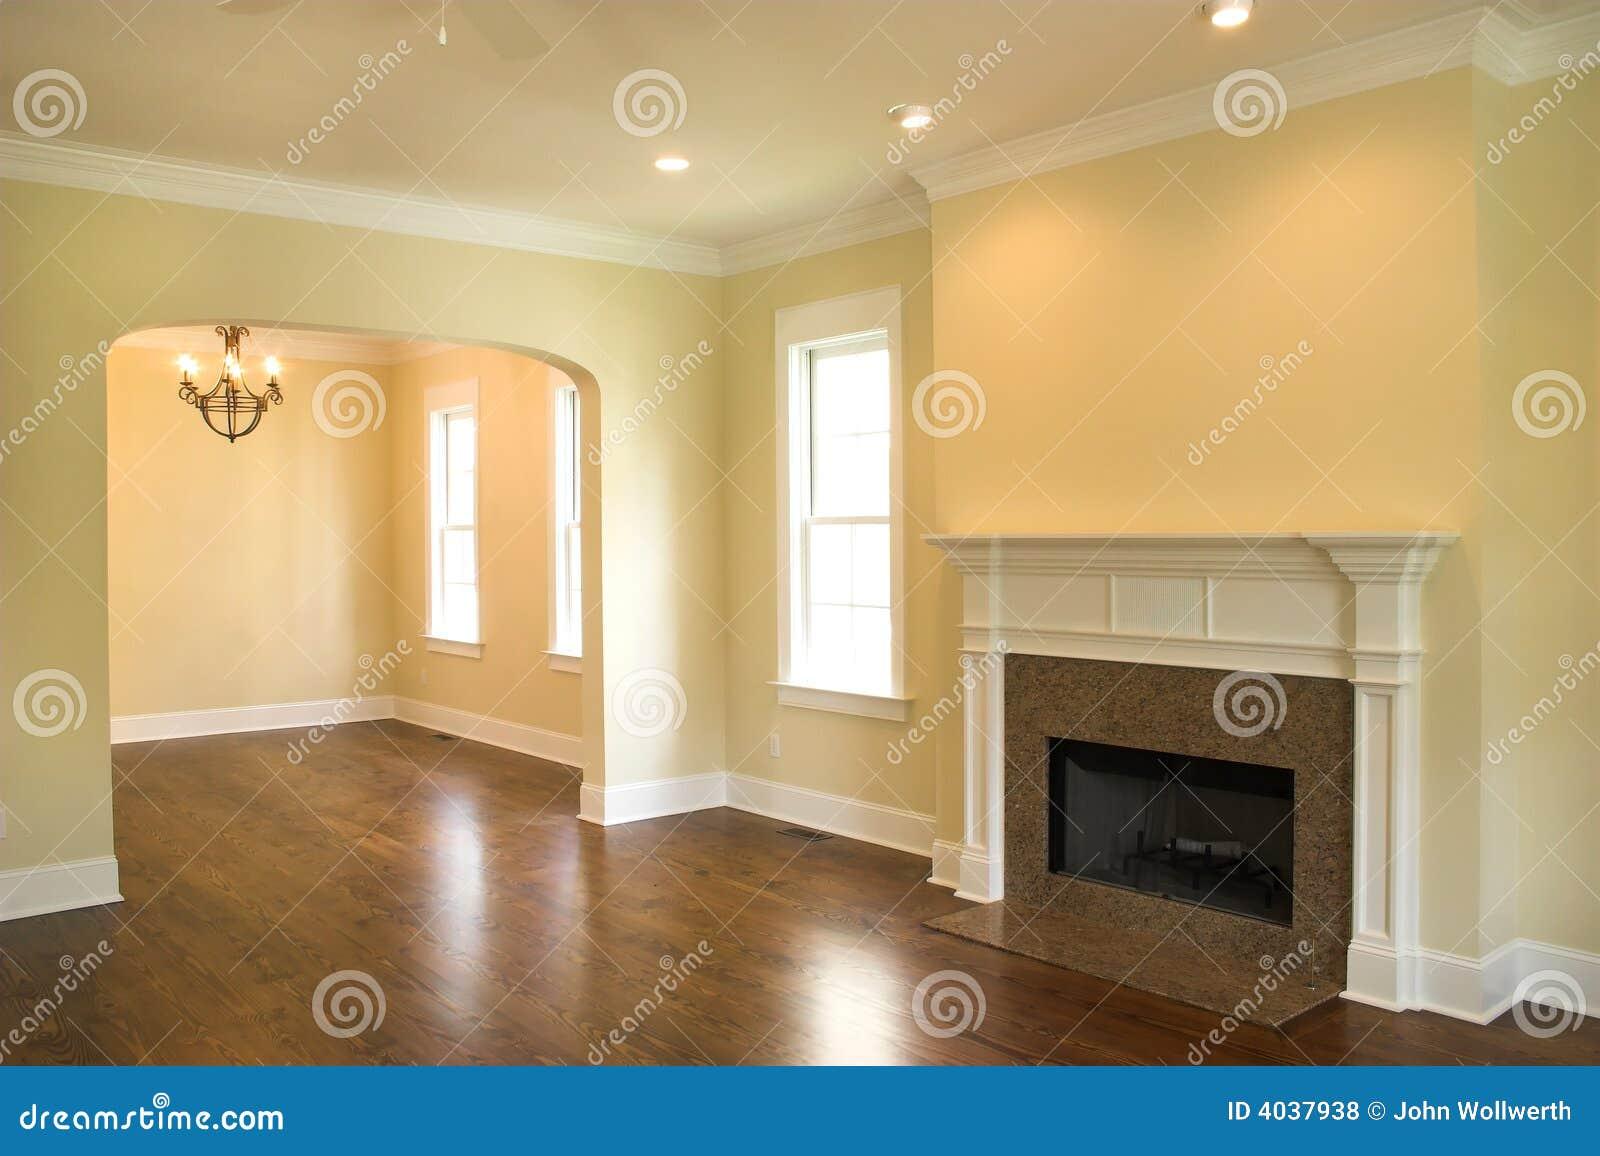 Leeres wohnzimmer mit kamin stockfoto bild 4037938 for 7 1 wohnzimmer